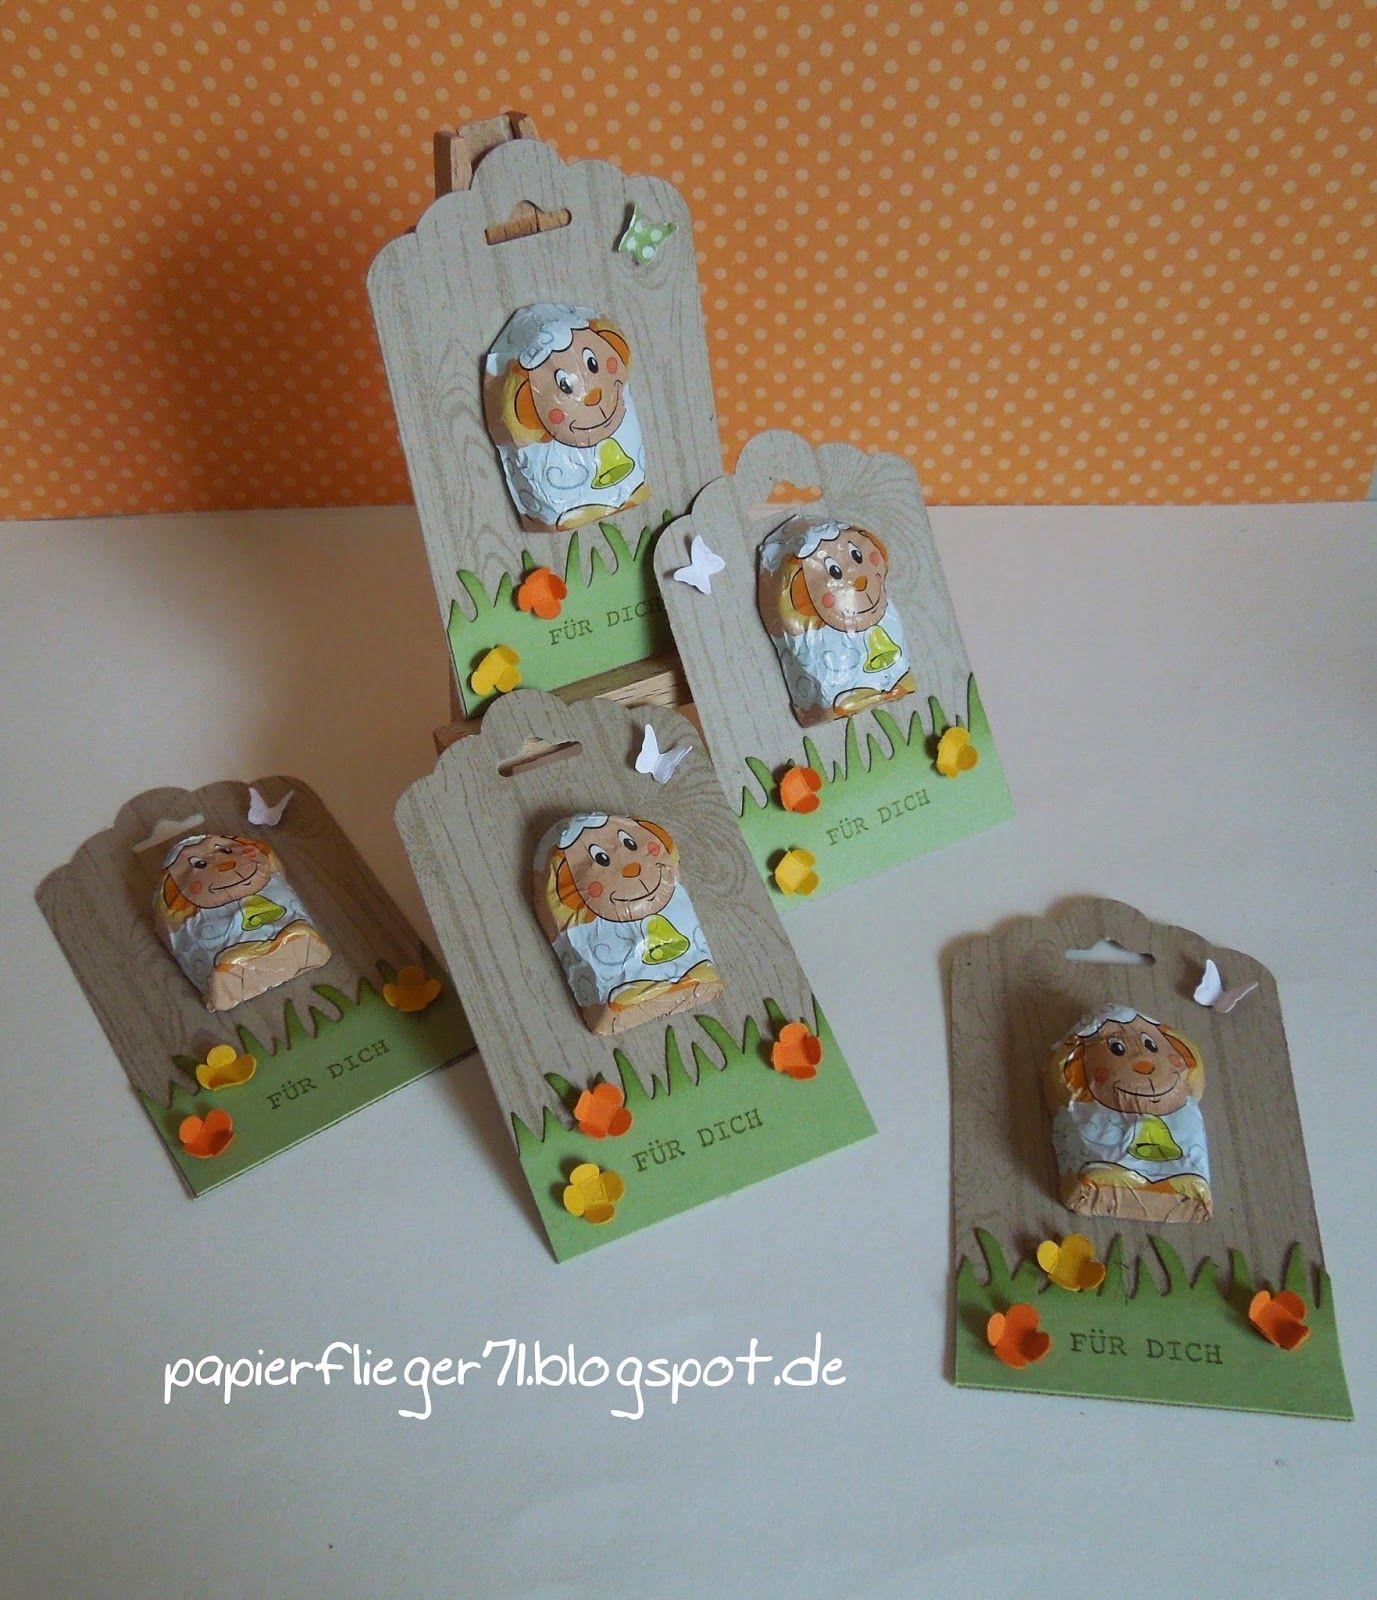 Papierflieger: Karfreitags-Goodies